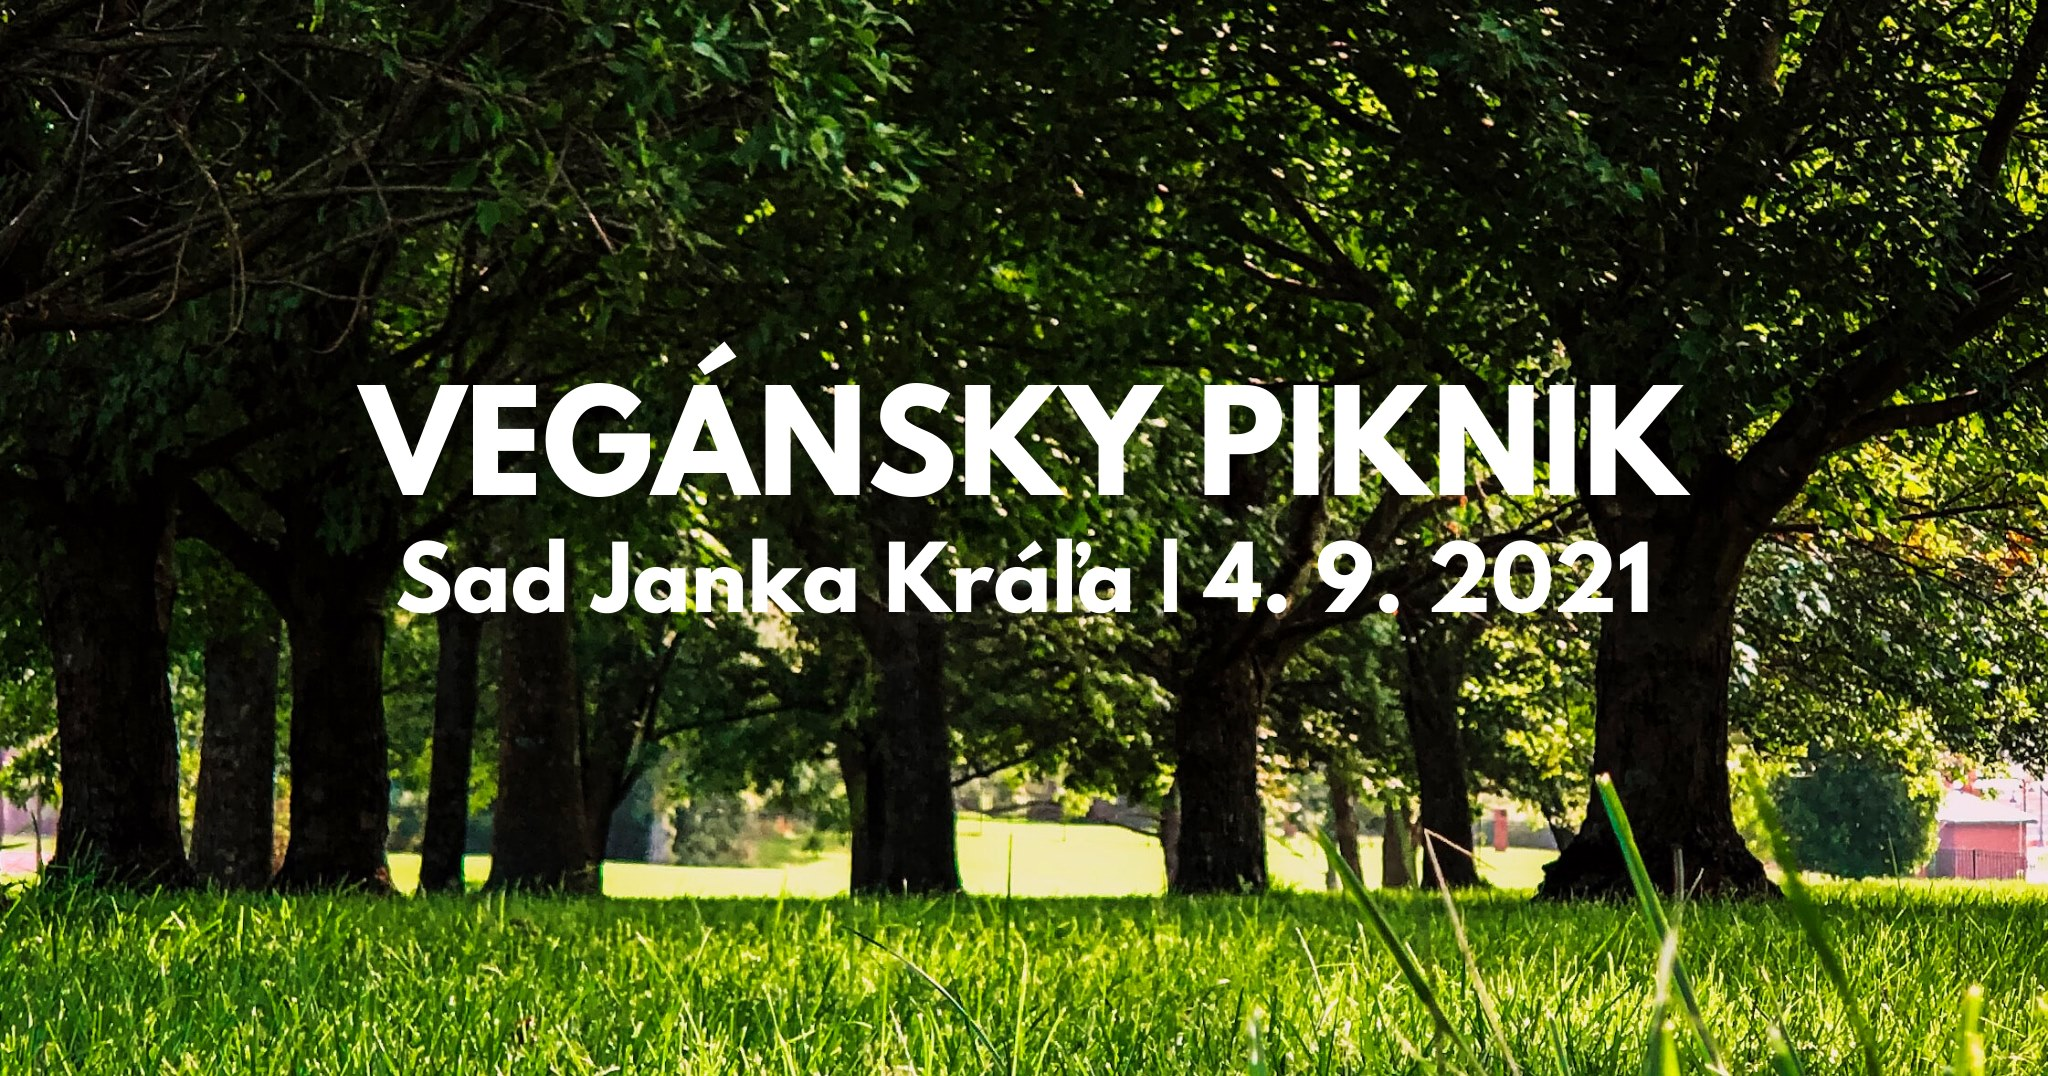 Vegánsky piknik v Sade Janka Kráľa - 4.9.2021